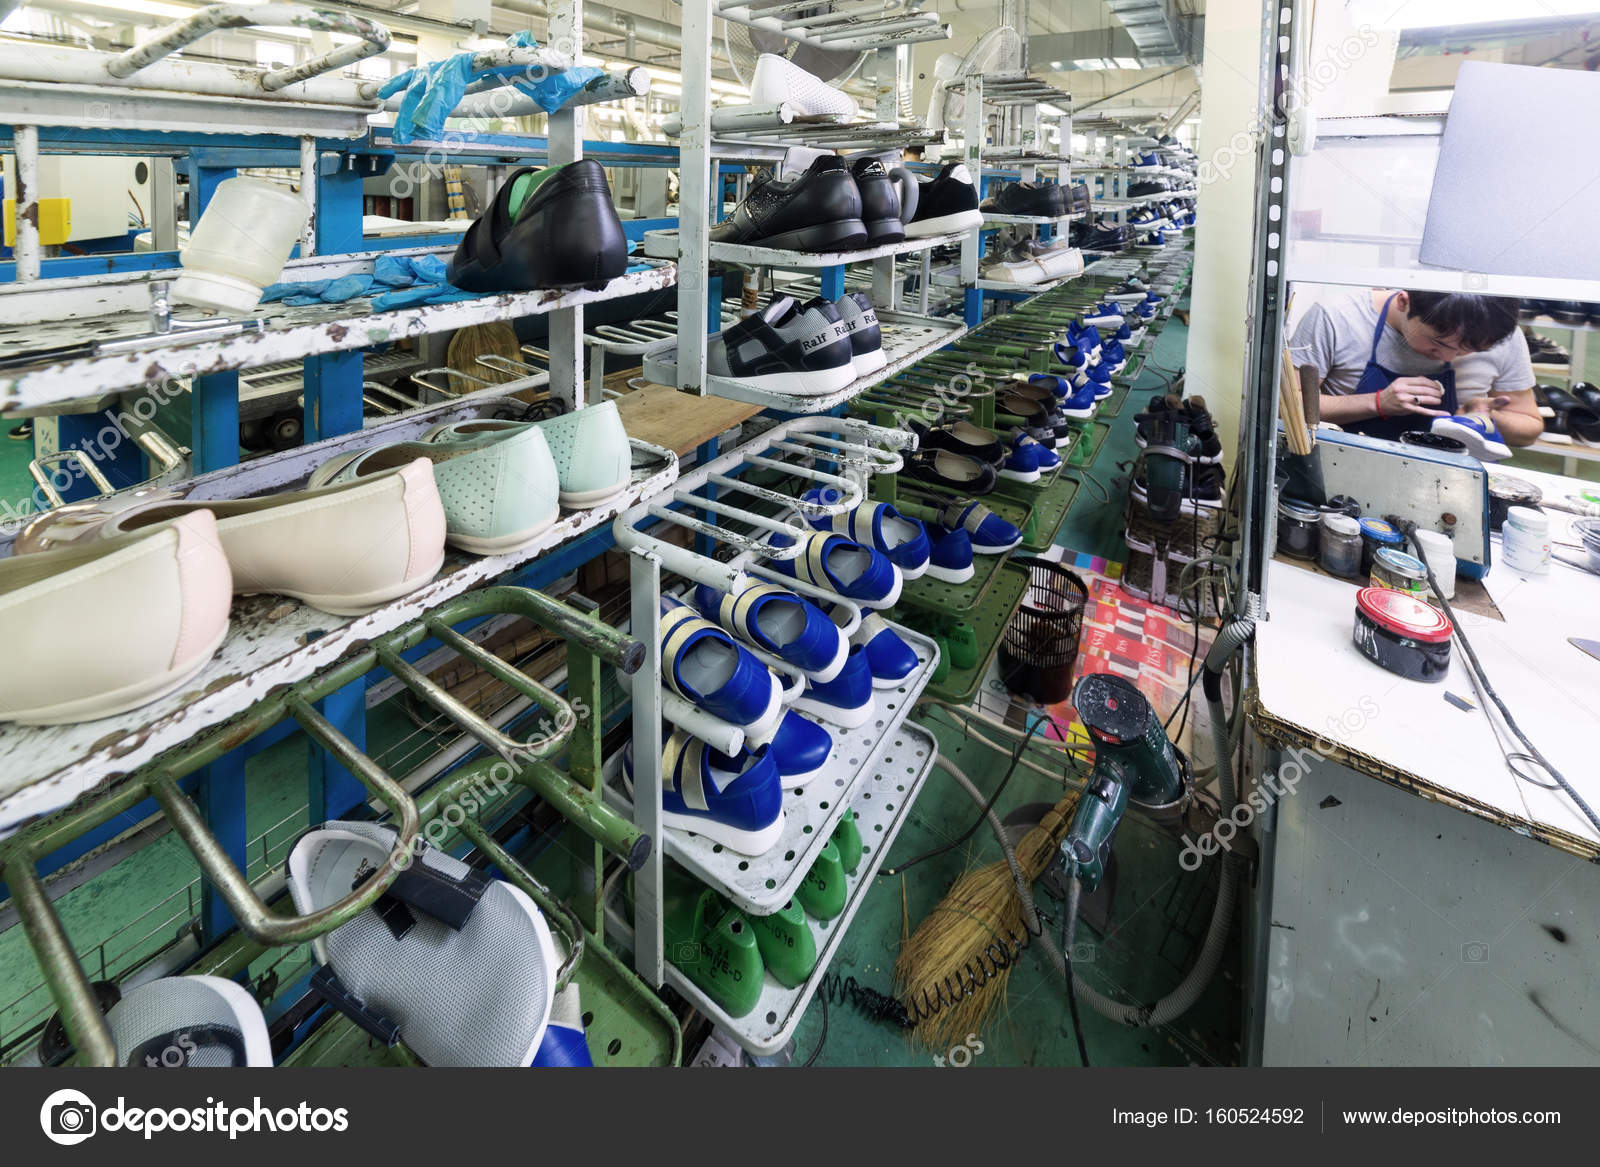 2cc479cb7 Москва, Россия - 21 февраля 2017: Московская обувная фабрика ОАО Ralf  Ringer. Обувь различных моделей на конвейер обувной фабрики — Фото автора  Nordroden